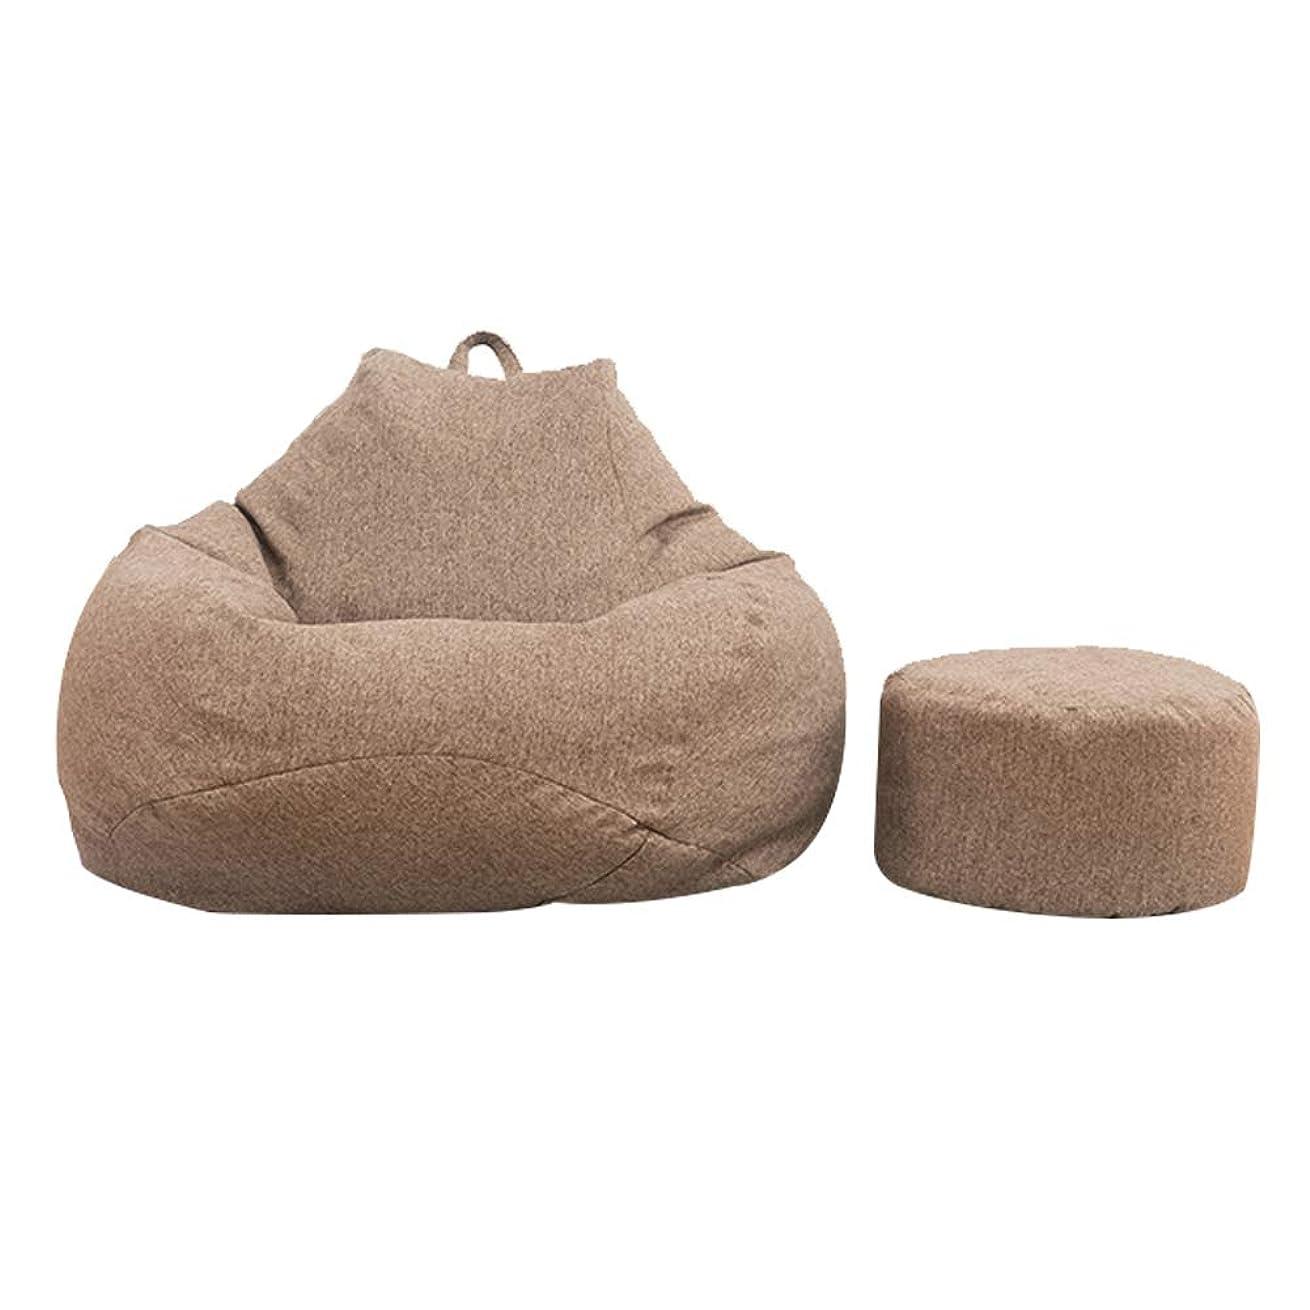 ことわざ入り口困惑ビーズクッション 特大 座布団 人をダメにするソファ 一人掛け ビーズソファ 足枕が付くセット 100*120cm もちもち 低反発 クッション 洗える ブロワン